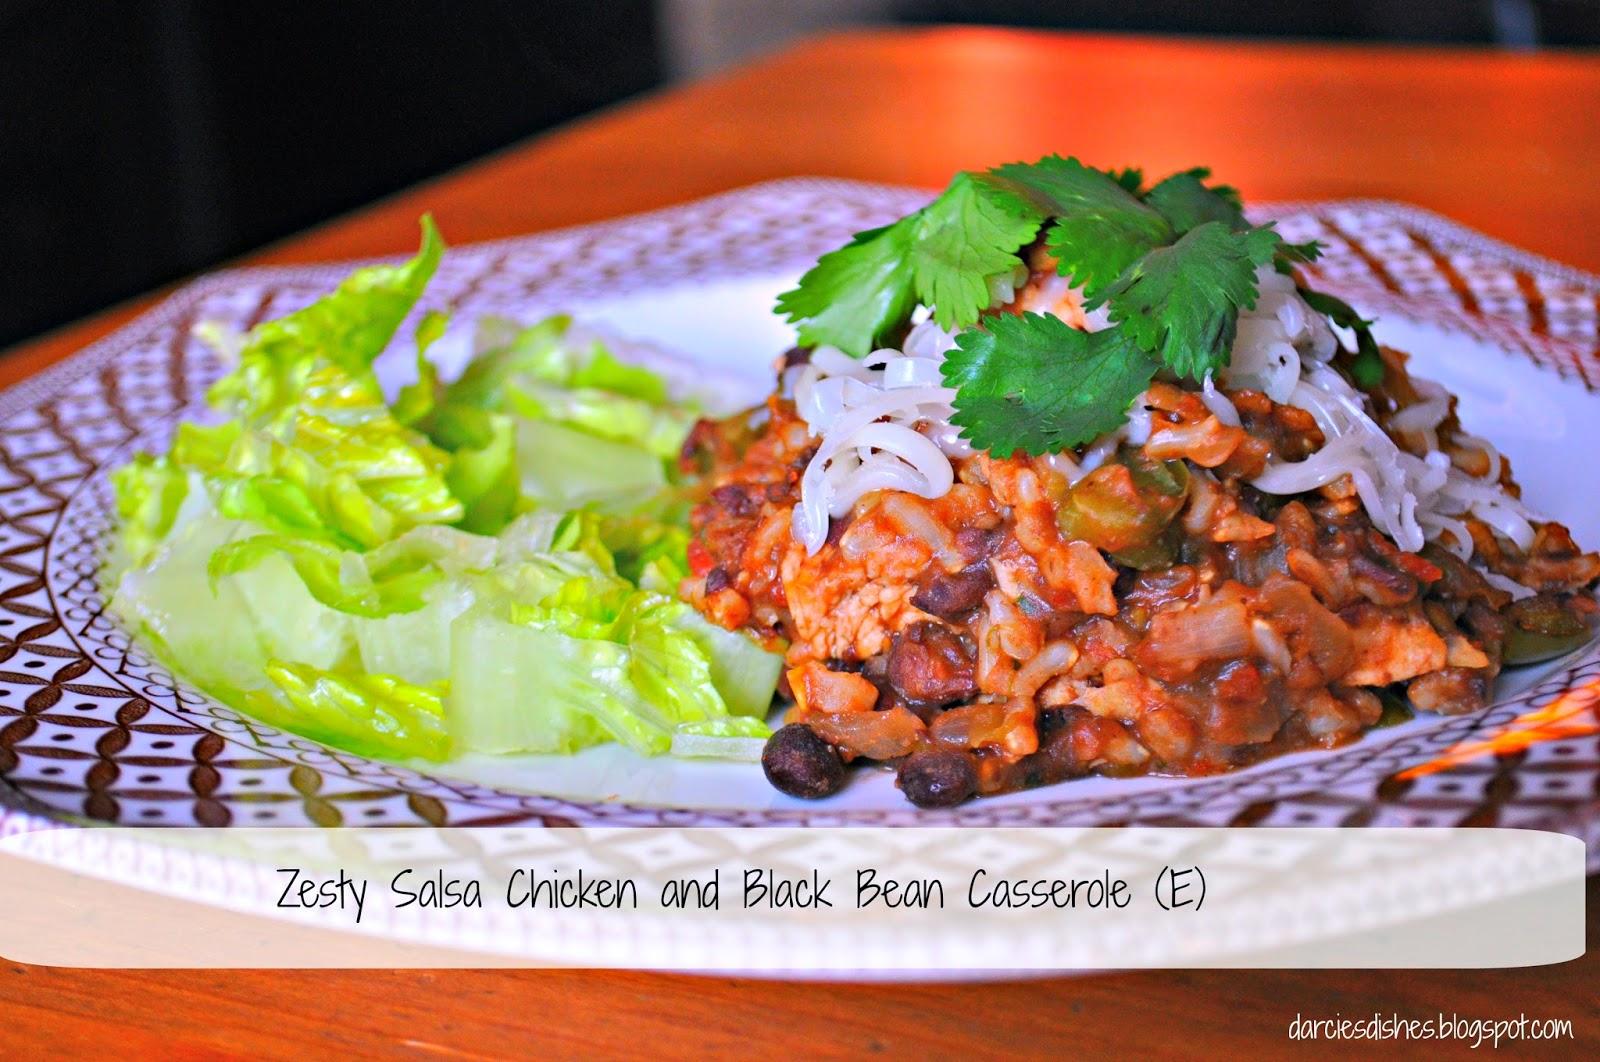 Darcie's Dishes: Zesty Salsa Chicken and Black Bean Casserole (E)